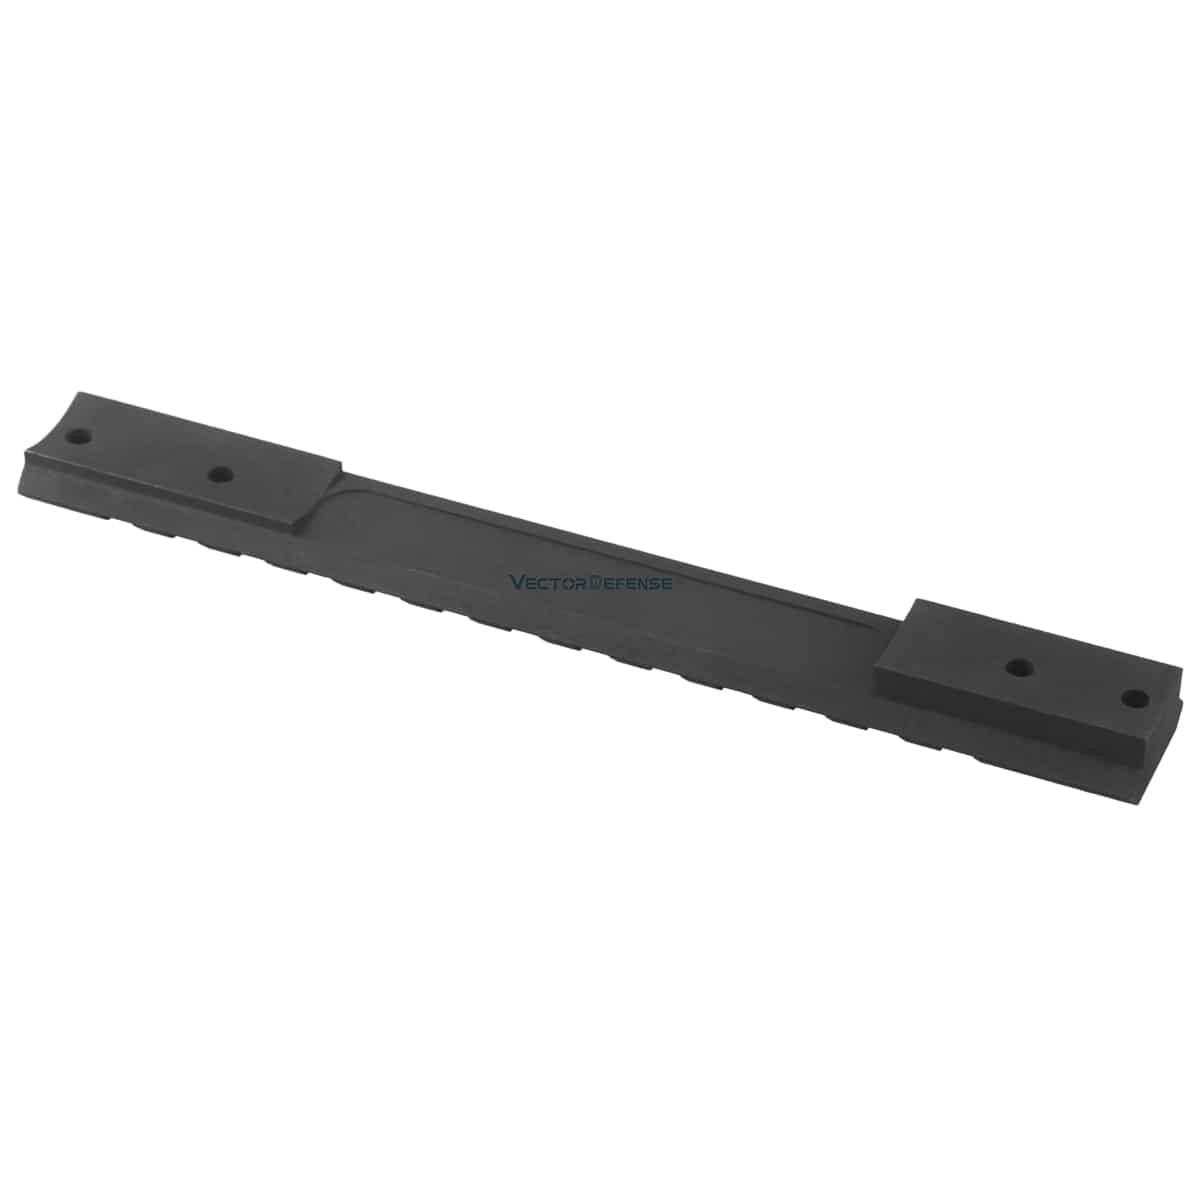 Remington 700 Long 20MOA Steel Picatinny Rail